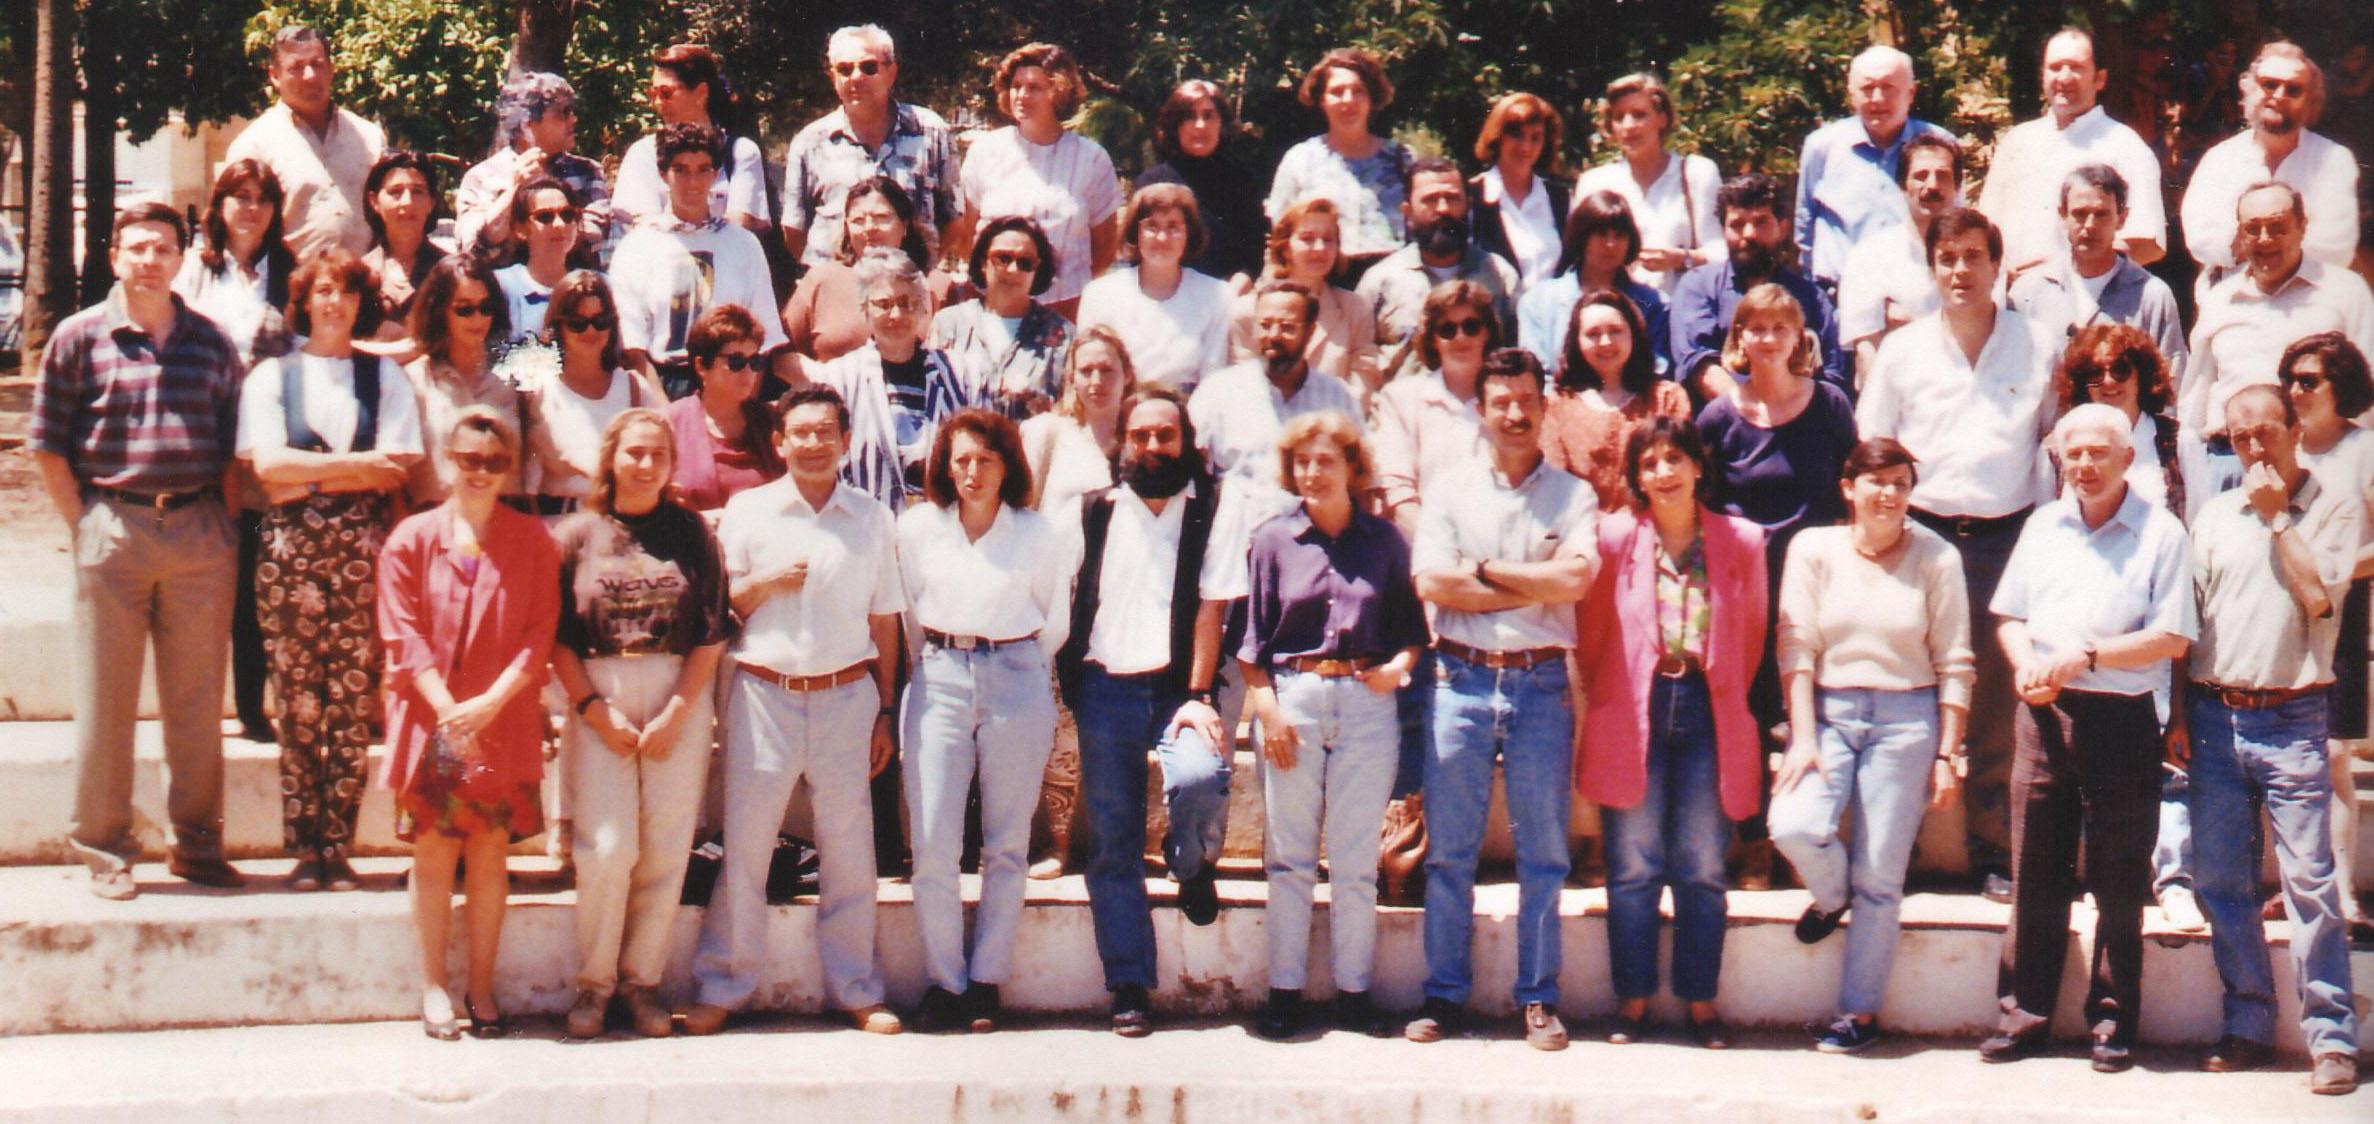 Reconocimiento al colegio Aljarafe por la labor docente desarrollada durante más de 25 años en el municipio de Mairena del Aljarafe